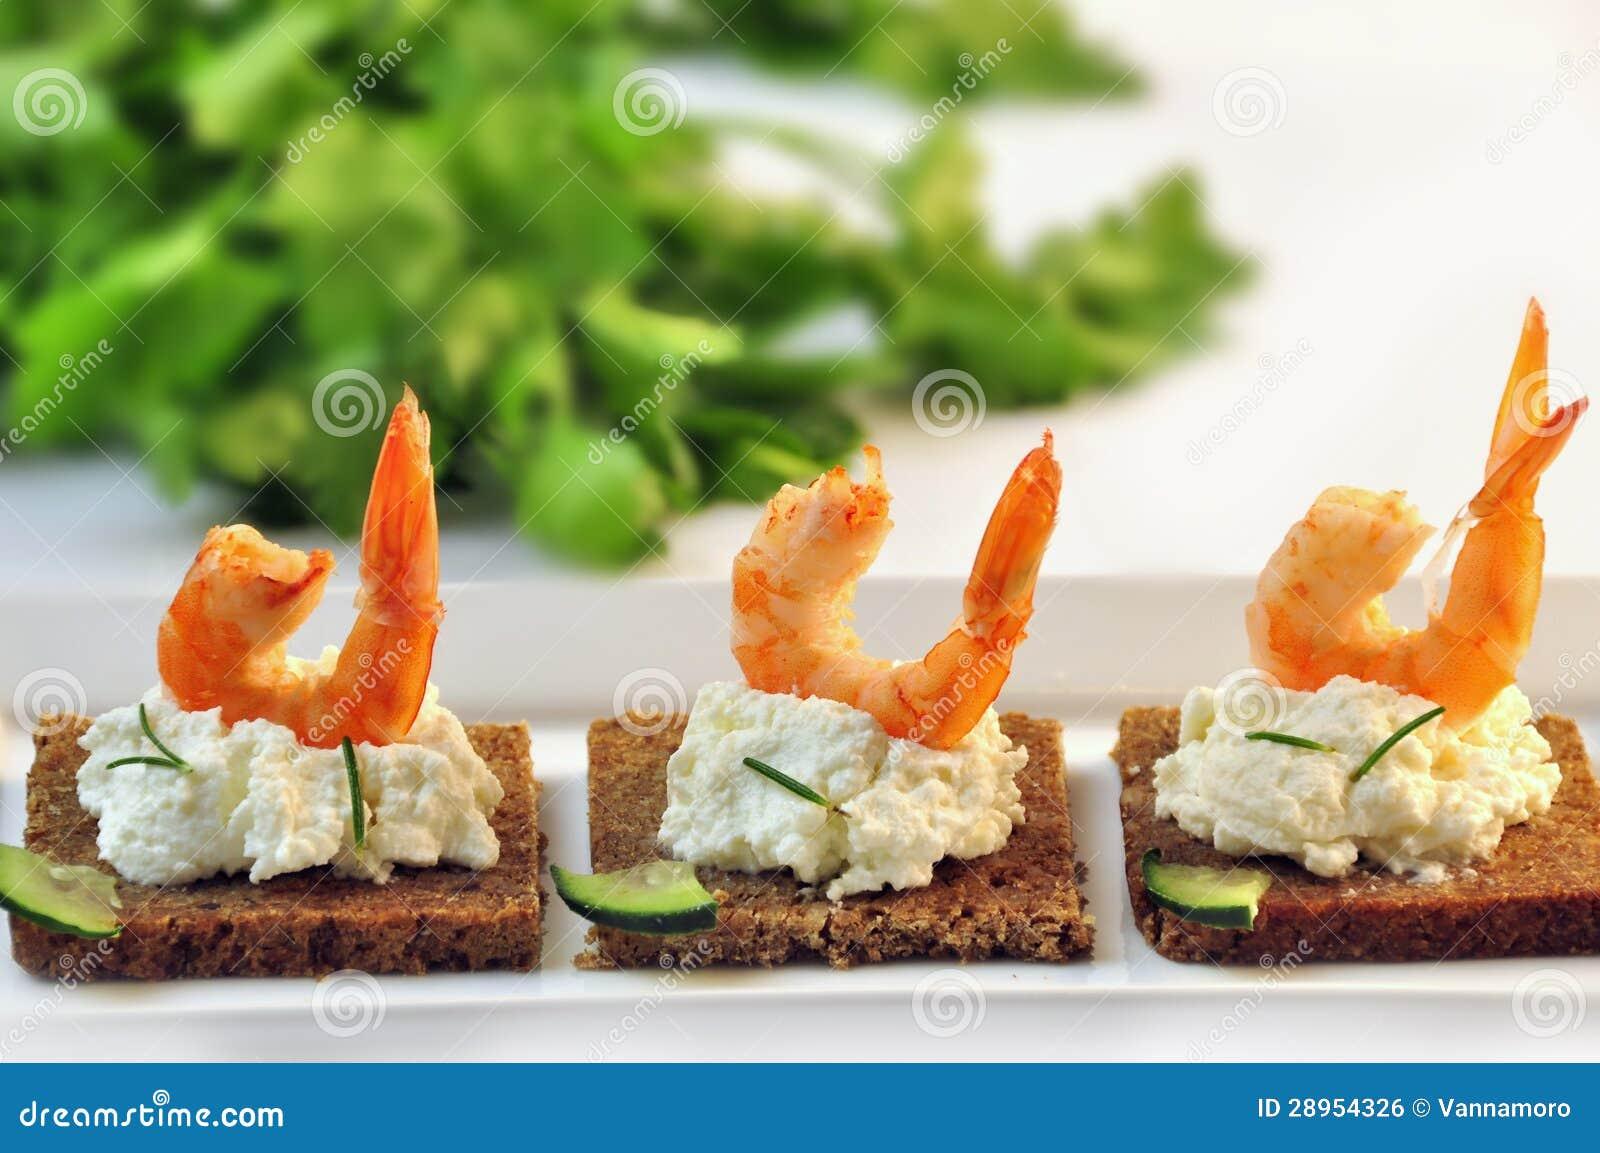 Canapes żyta chleb z ricotta serem i ogonami garnele